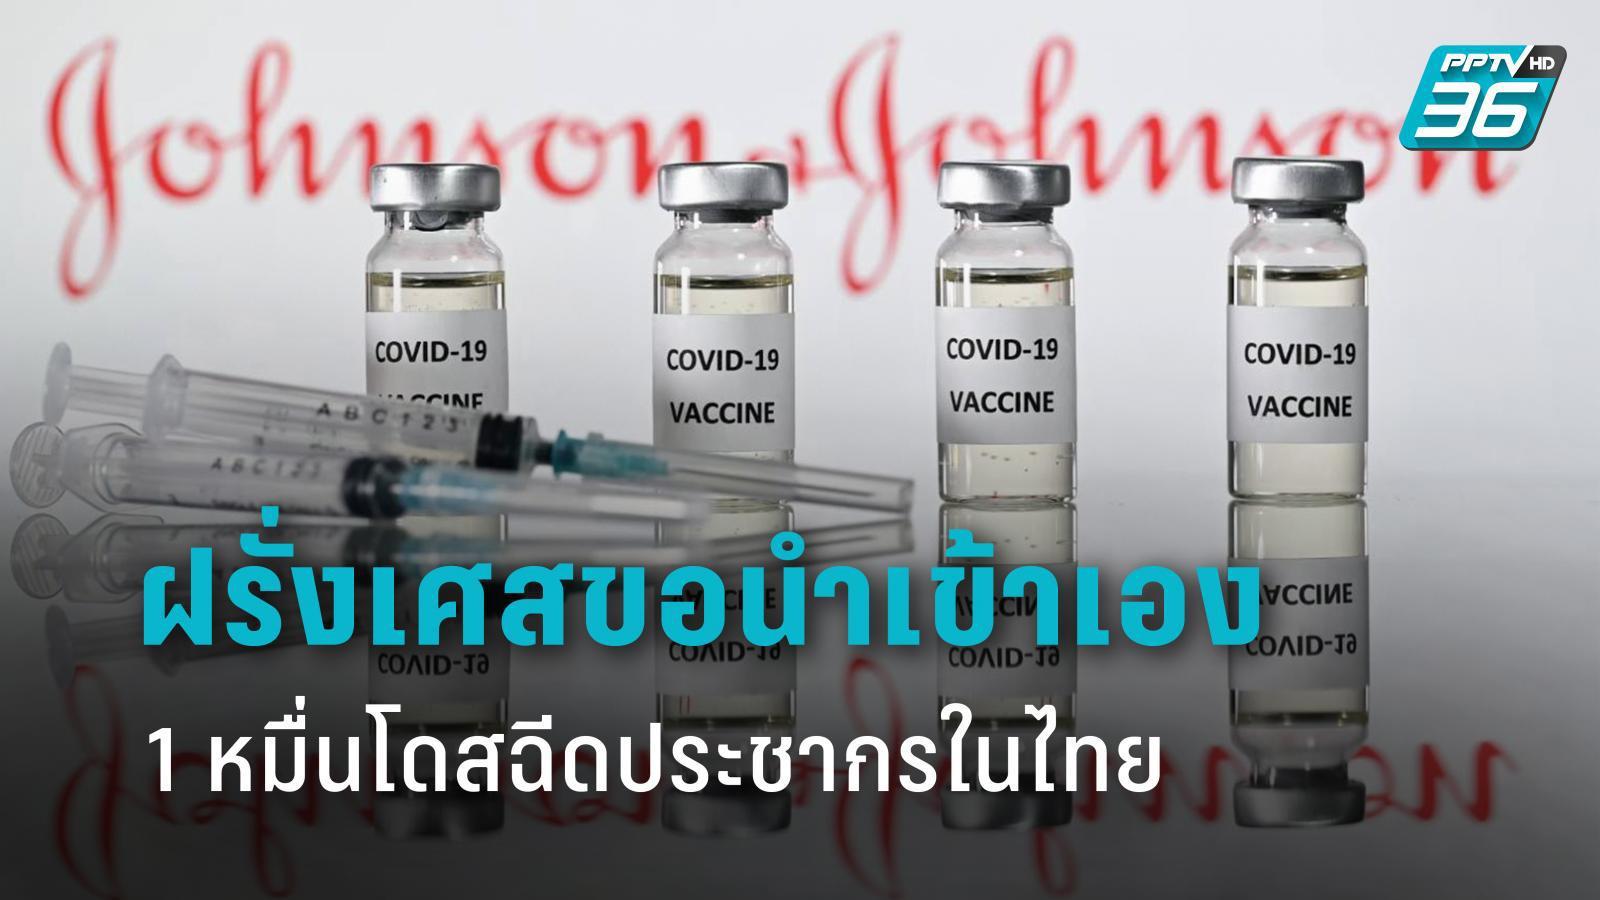 """ทูต 2 ประเทศ พบ """"อนุทิน"""" ขอฉีดวัคซีนประชากรในไทย ทูตฝรั่งเศสขอนำเข้าเอง หมื่นโดส  """"จอห์สัน แอนด์ จอห์นสัน"""""""